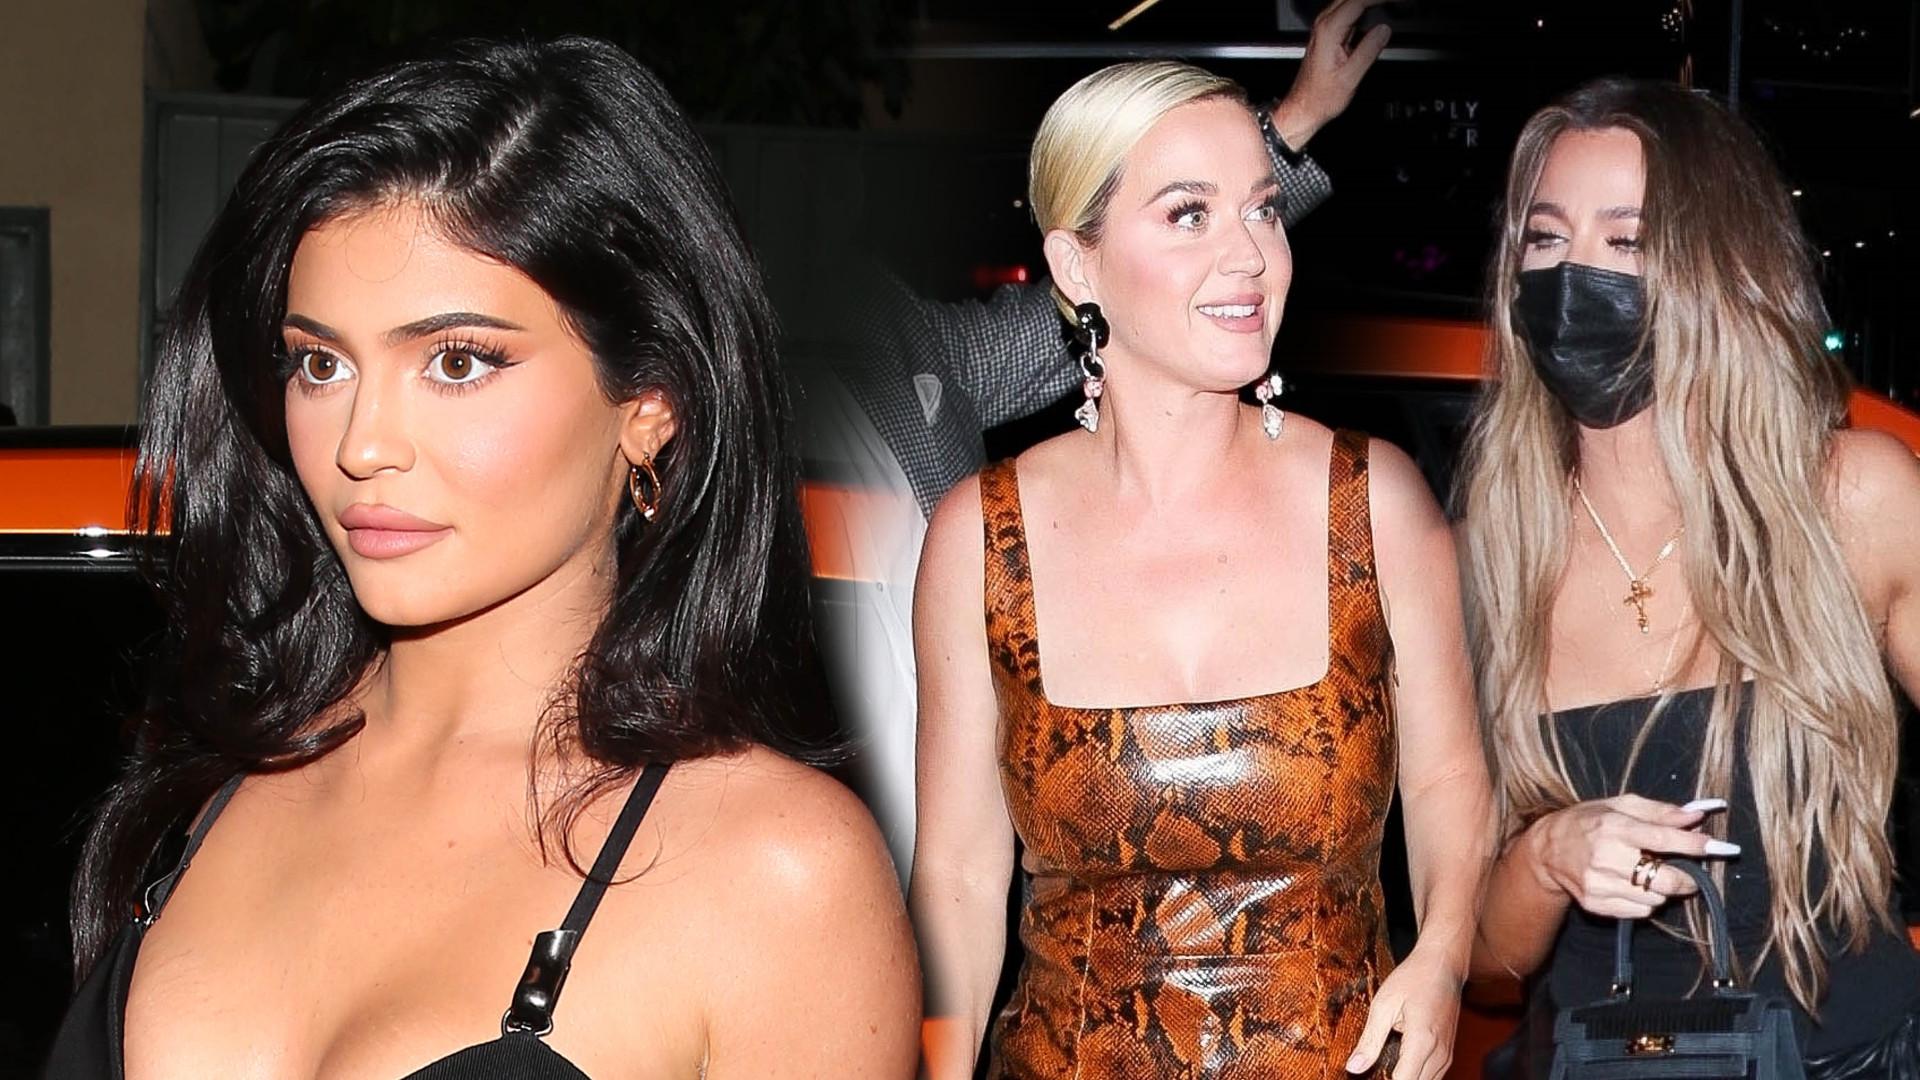 Kardashianki, Hailey Bieber i Katy Perry na imprezie promującej tequilę Kendall Jenner (ZDJĘCIA)